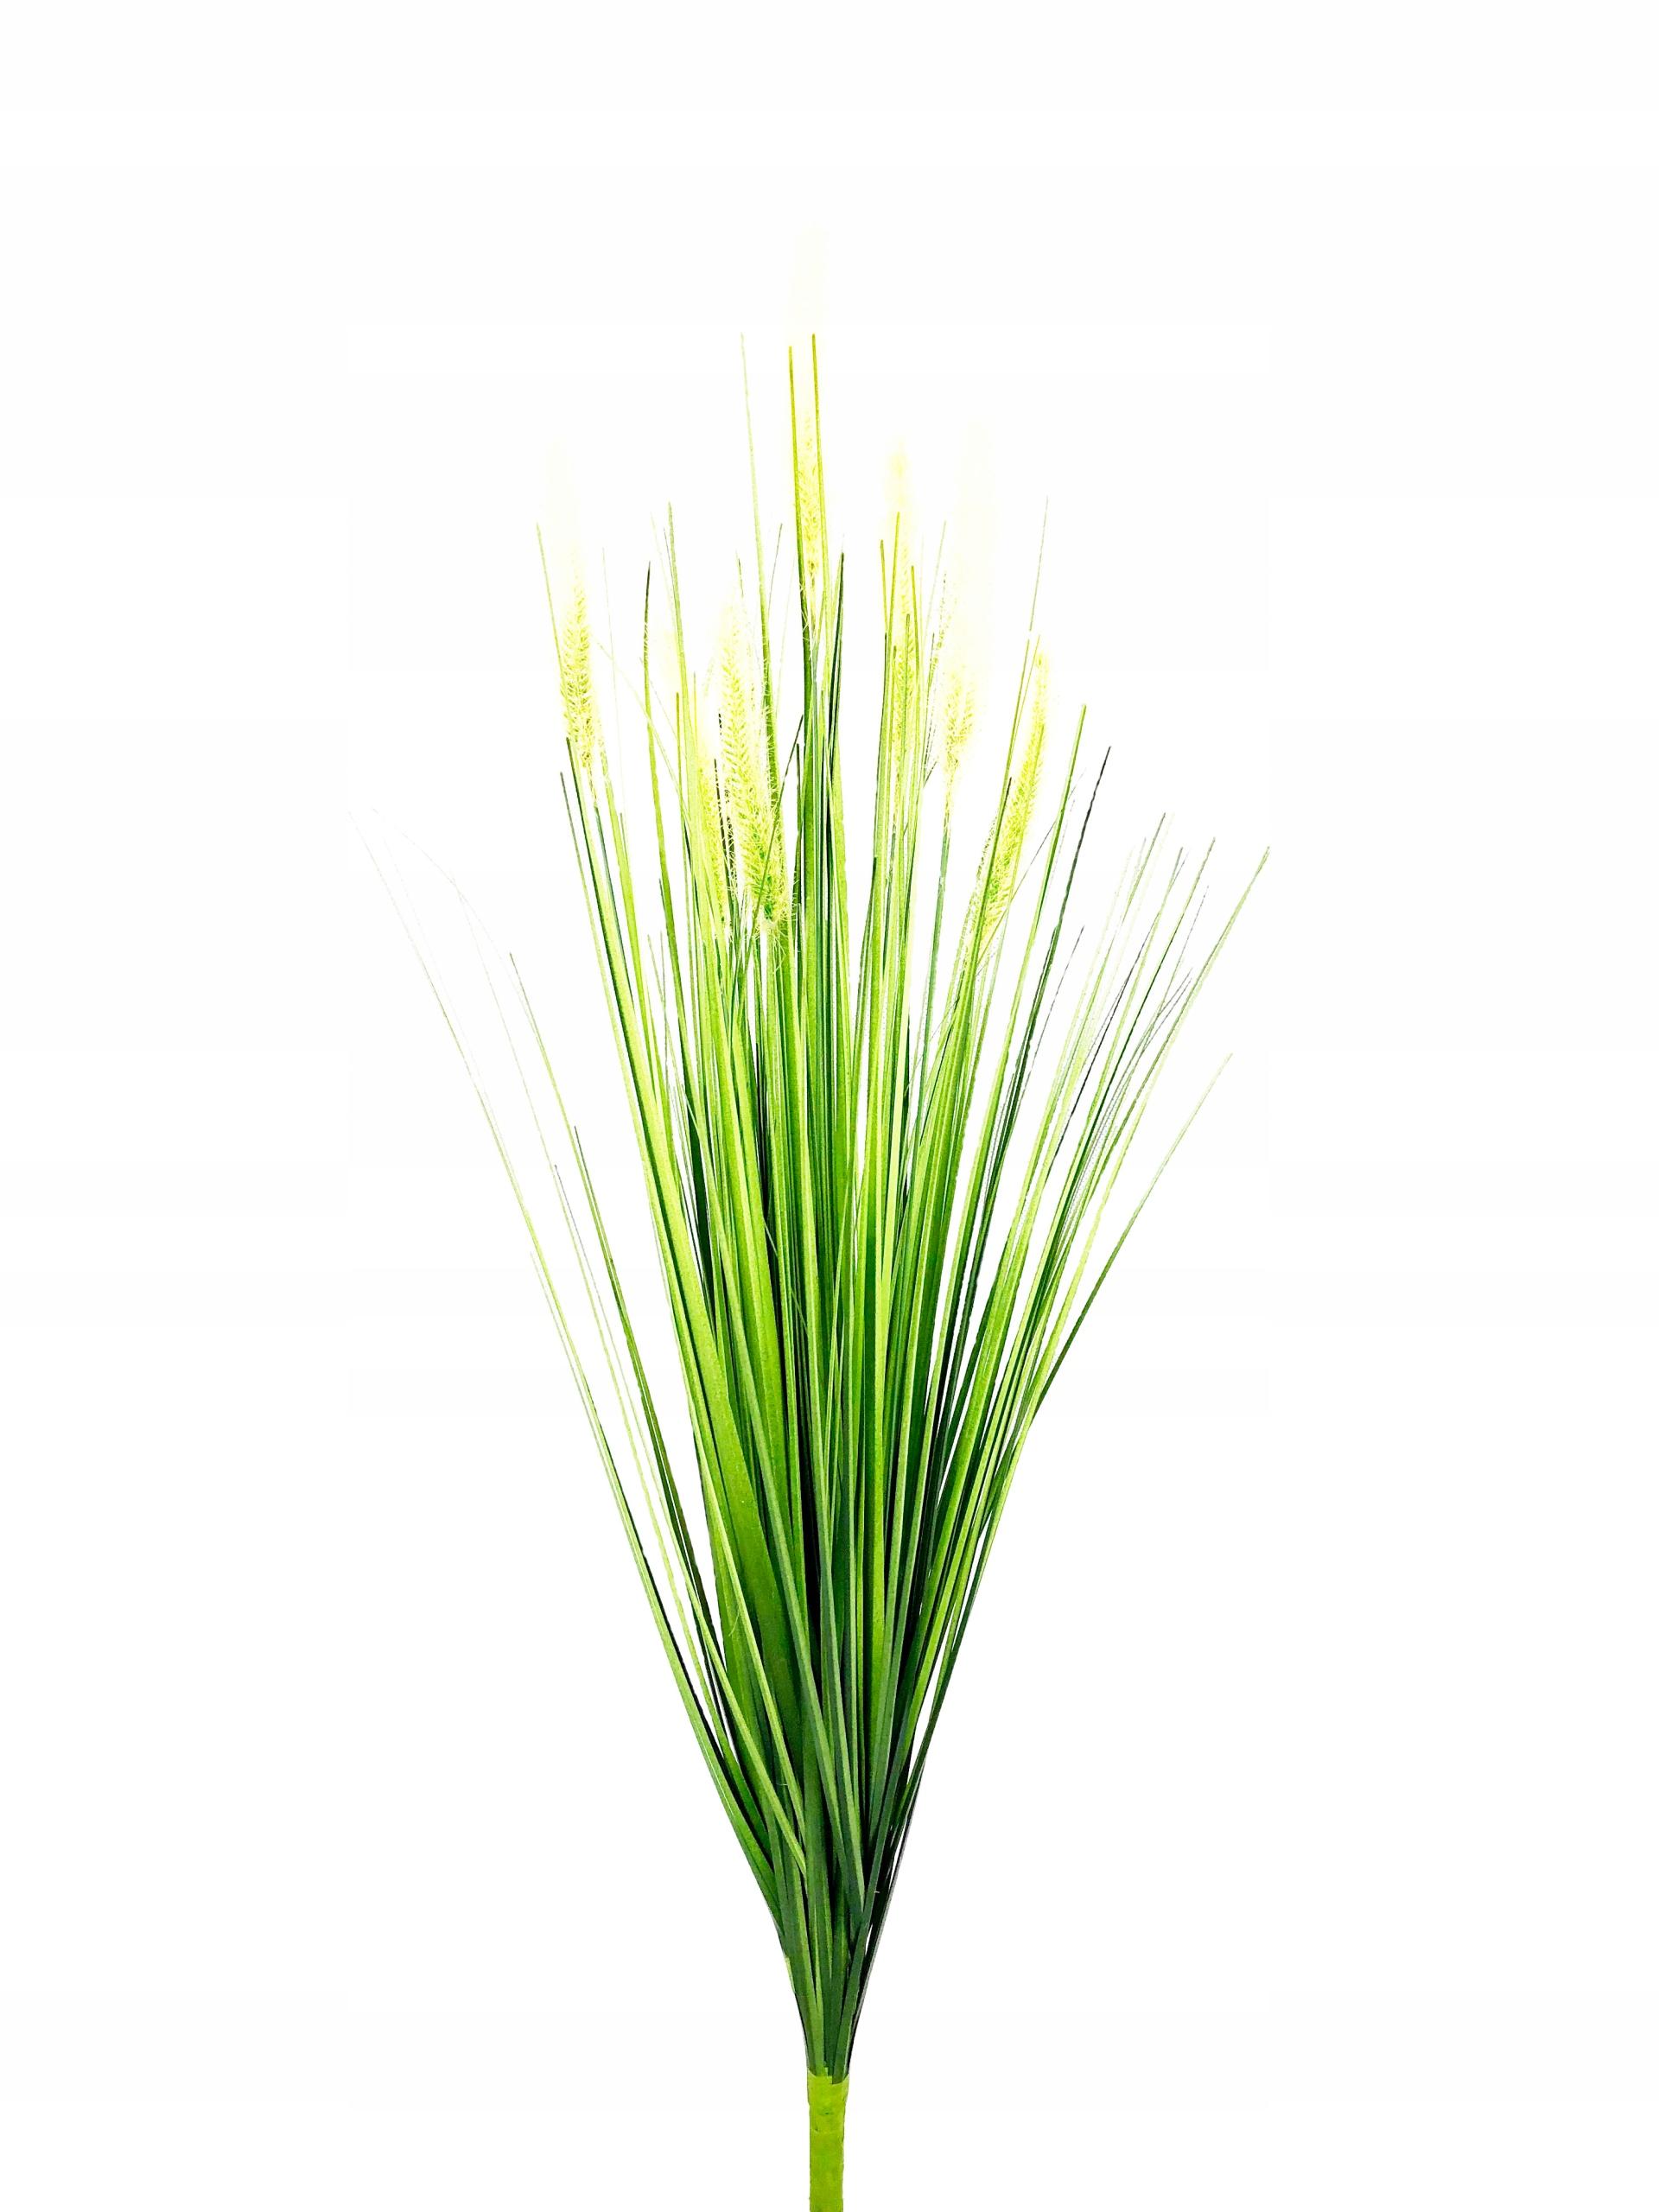 Искусственные растения купить в новосибирске, салон магазин цветы